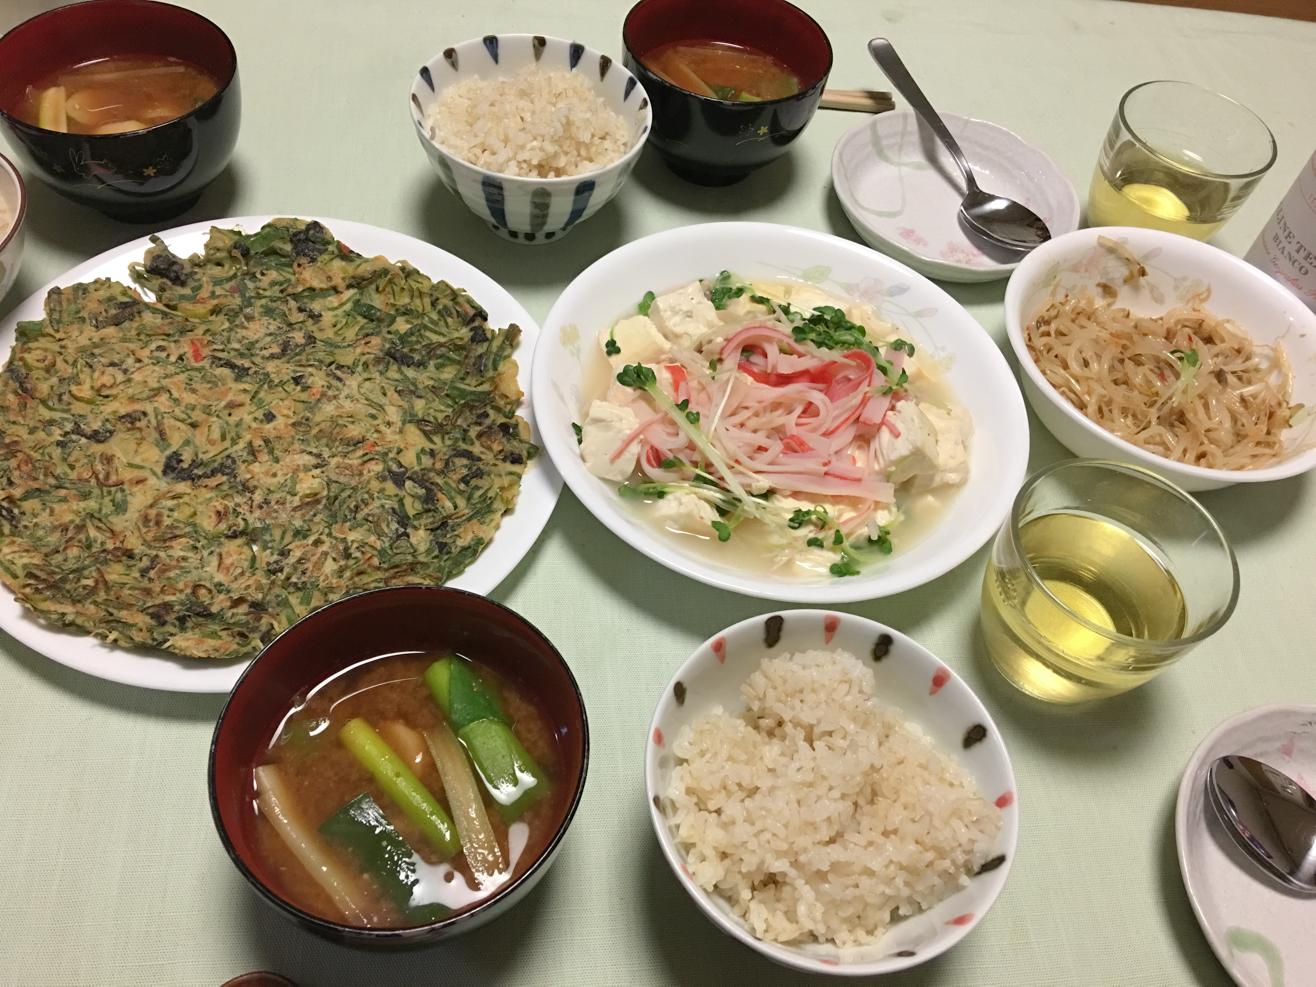 おからパウダーとネギの青いところのチヂミ中心の夕食の写真